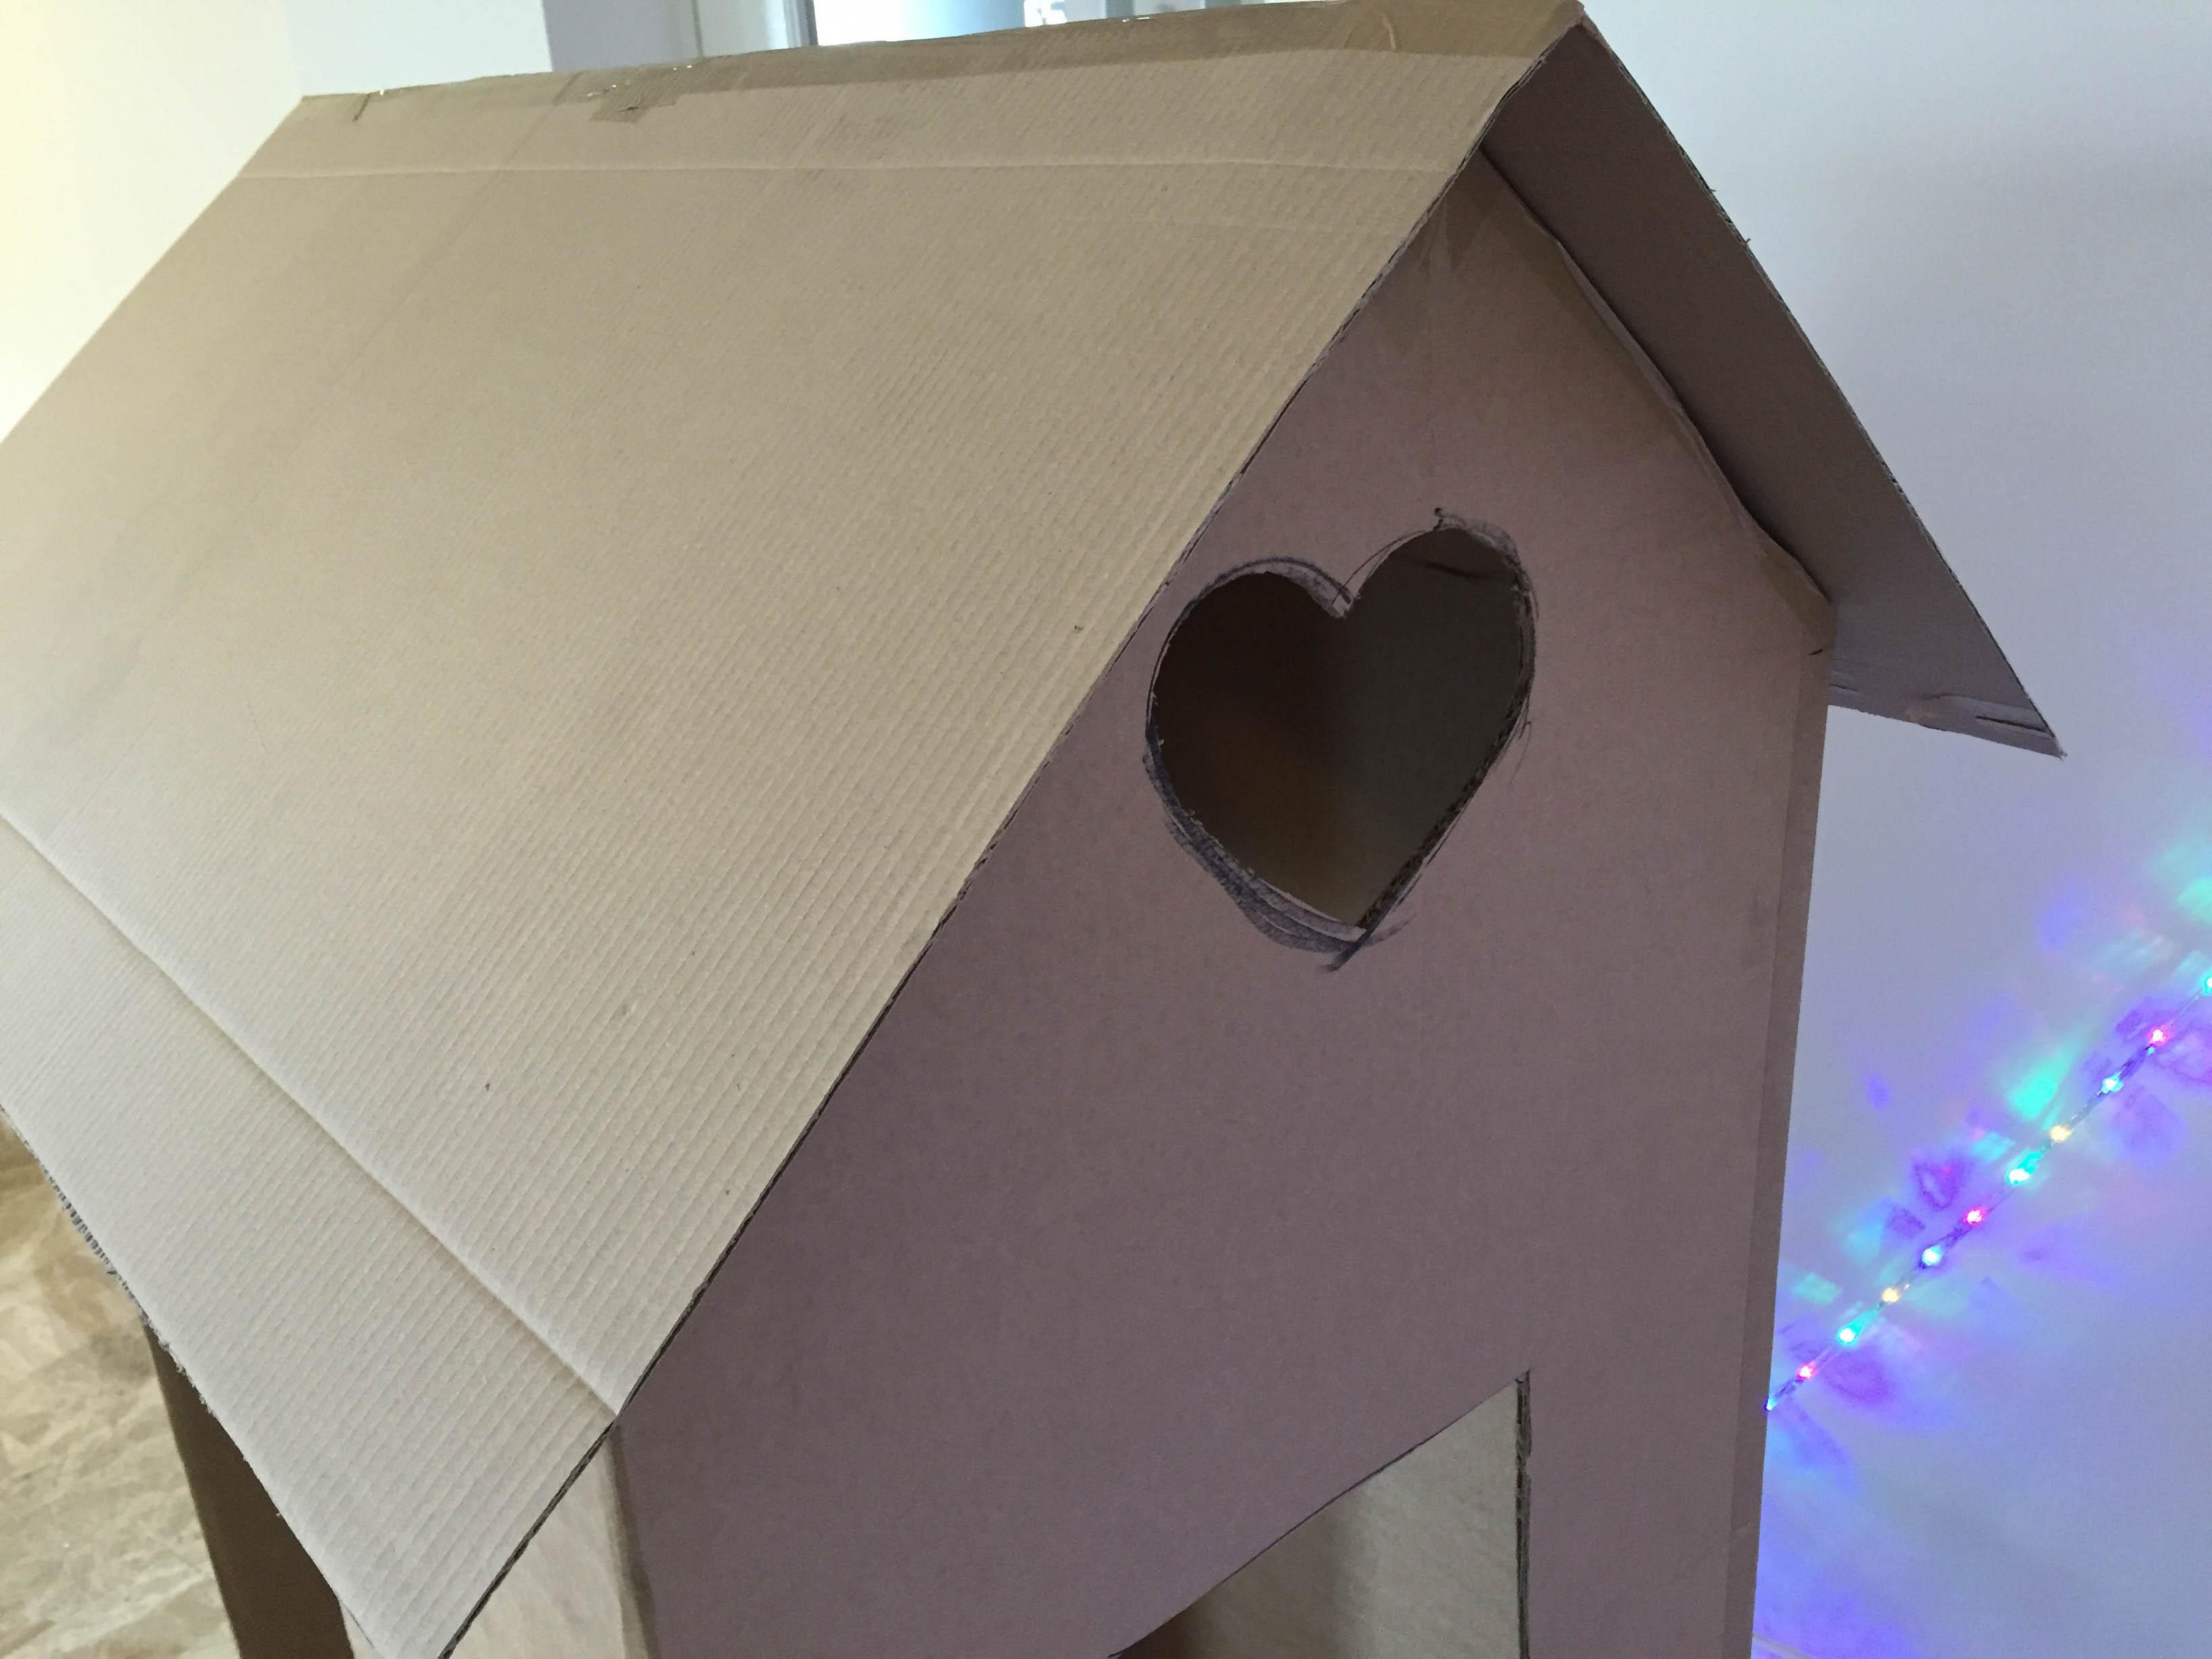 Come costruire una casetta giocattolo in cartone - Casetta in cartone da colorare ...